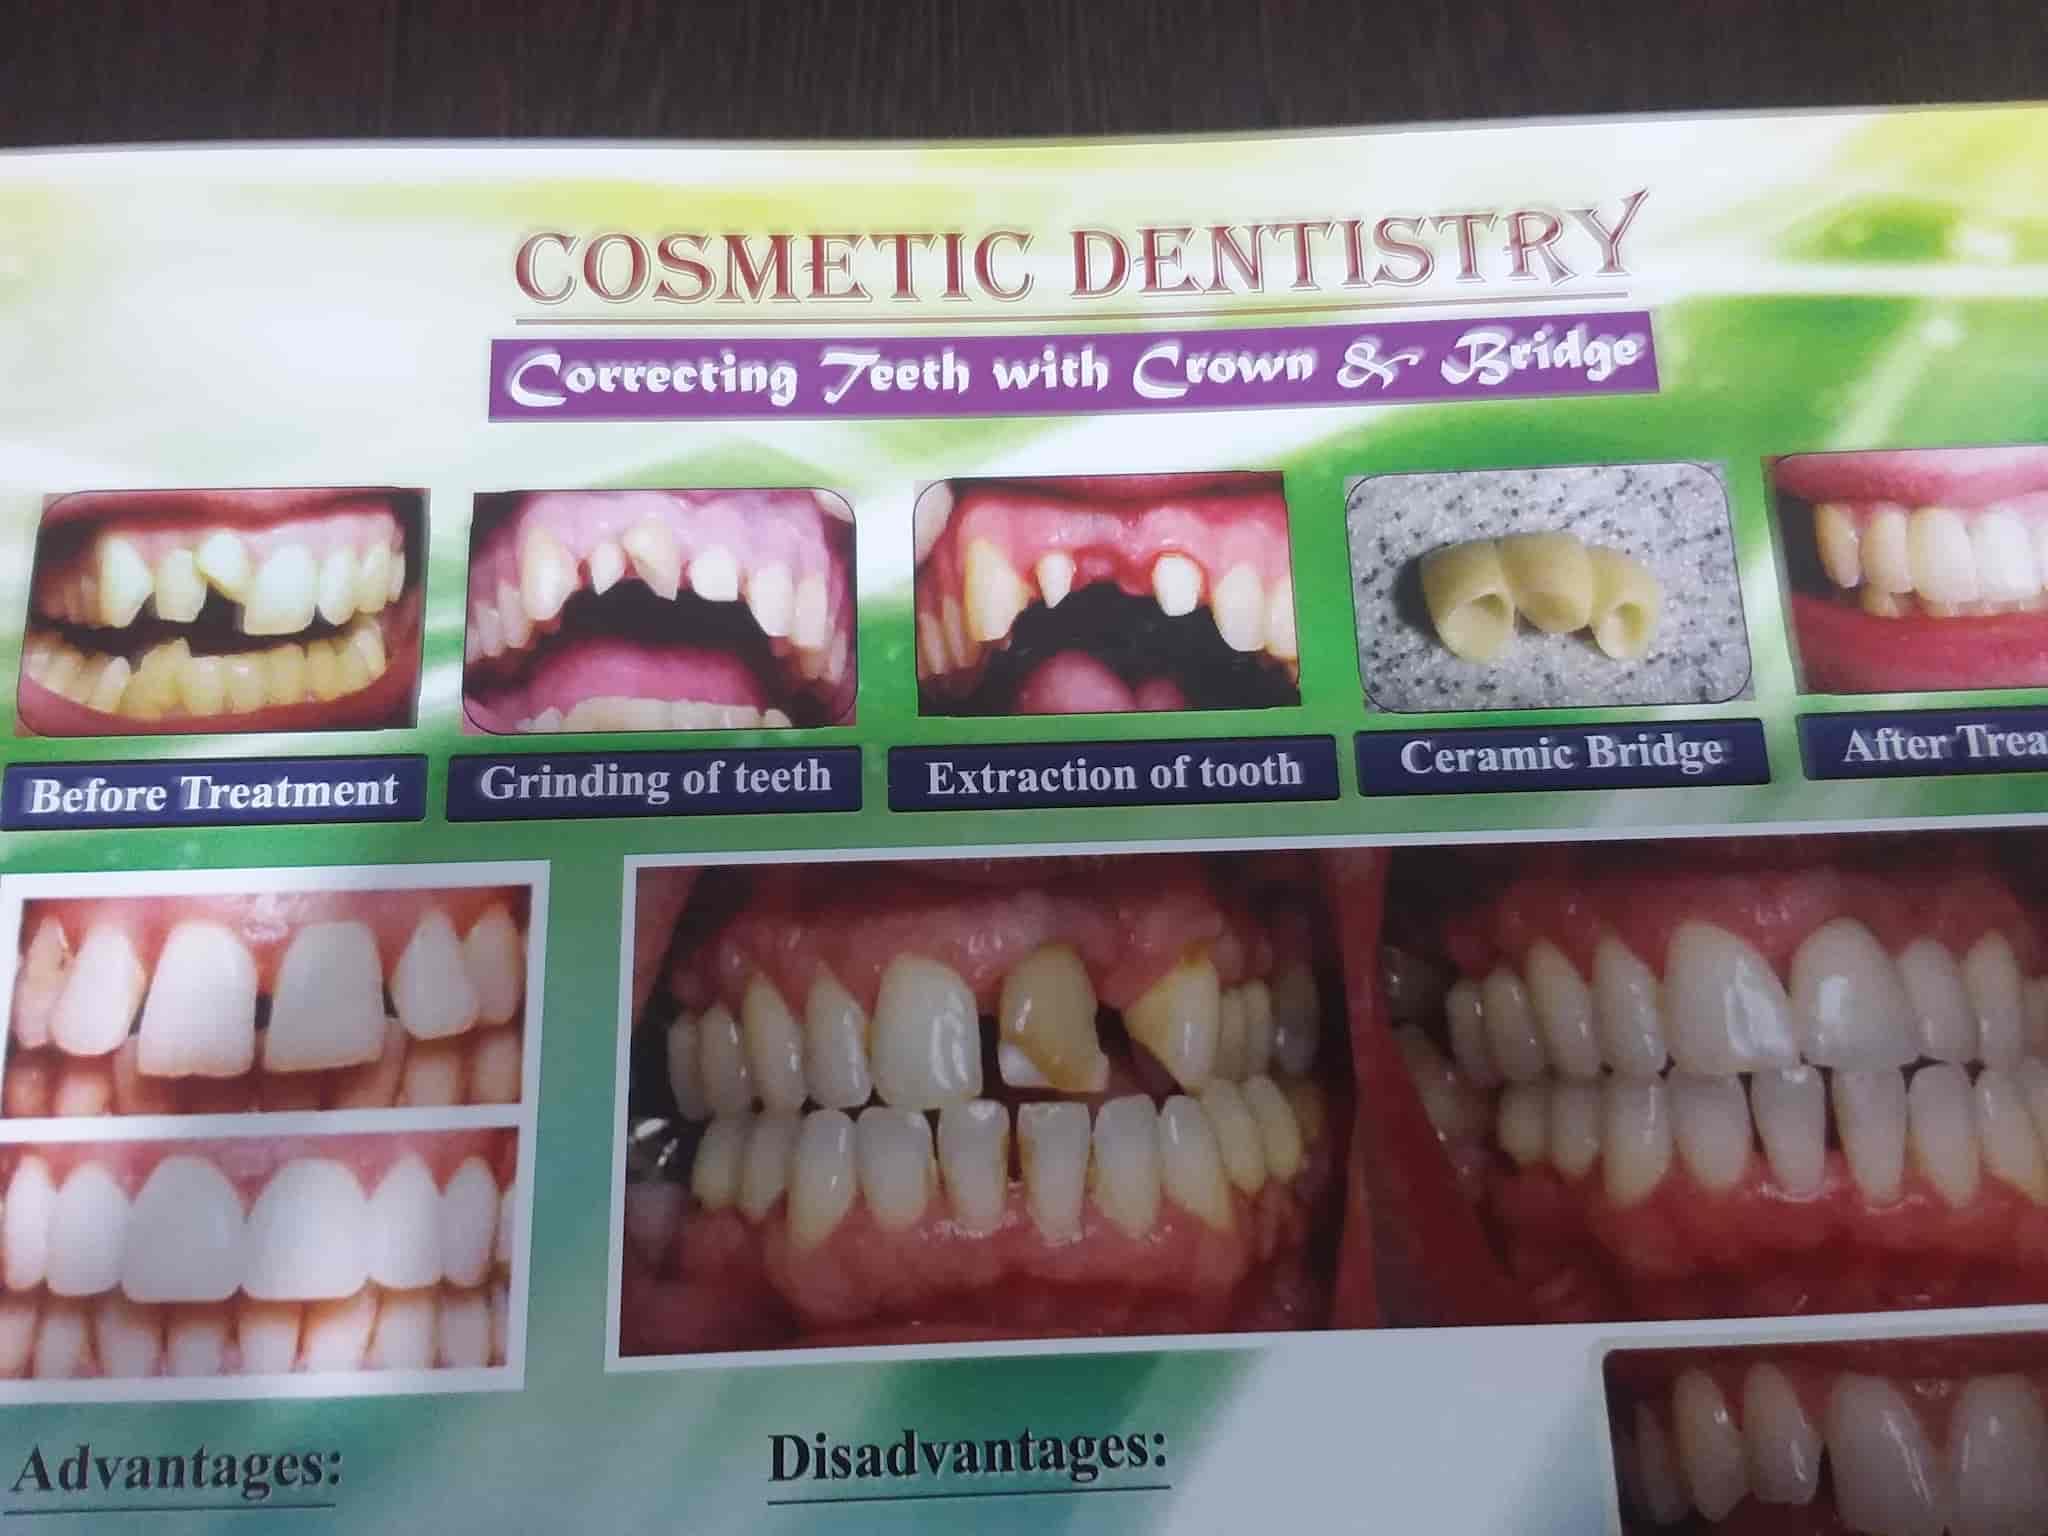 Vasundara Multispecality Dental Clinic, Idpl - Hospitals in